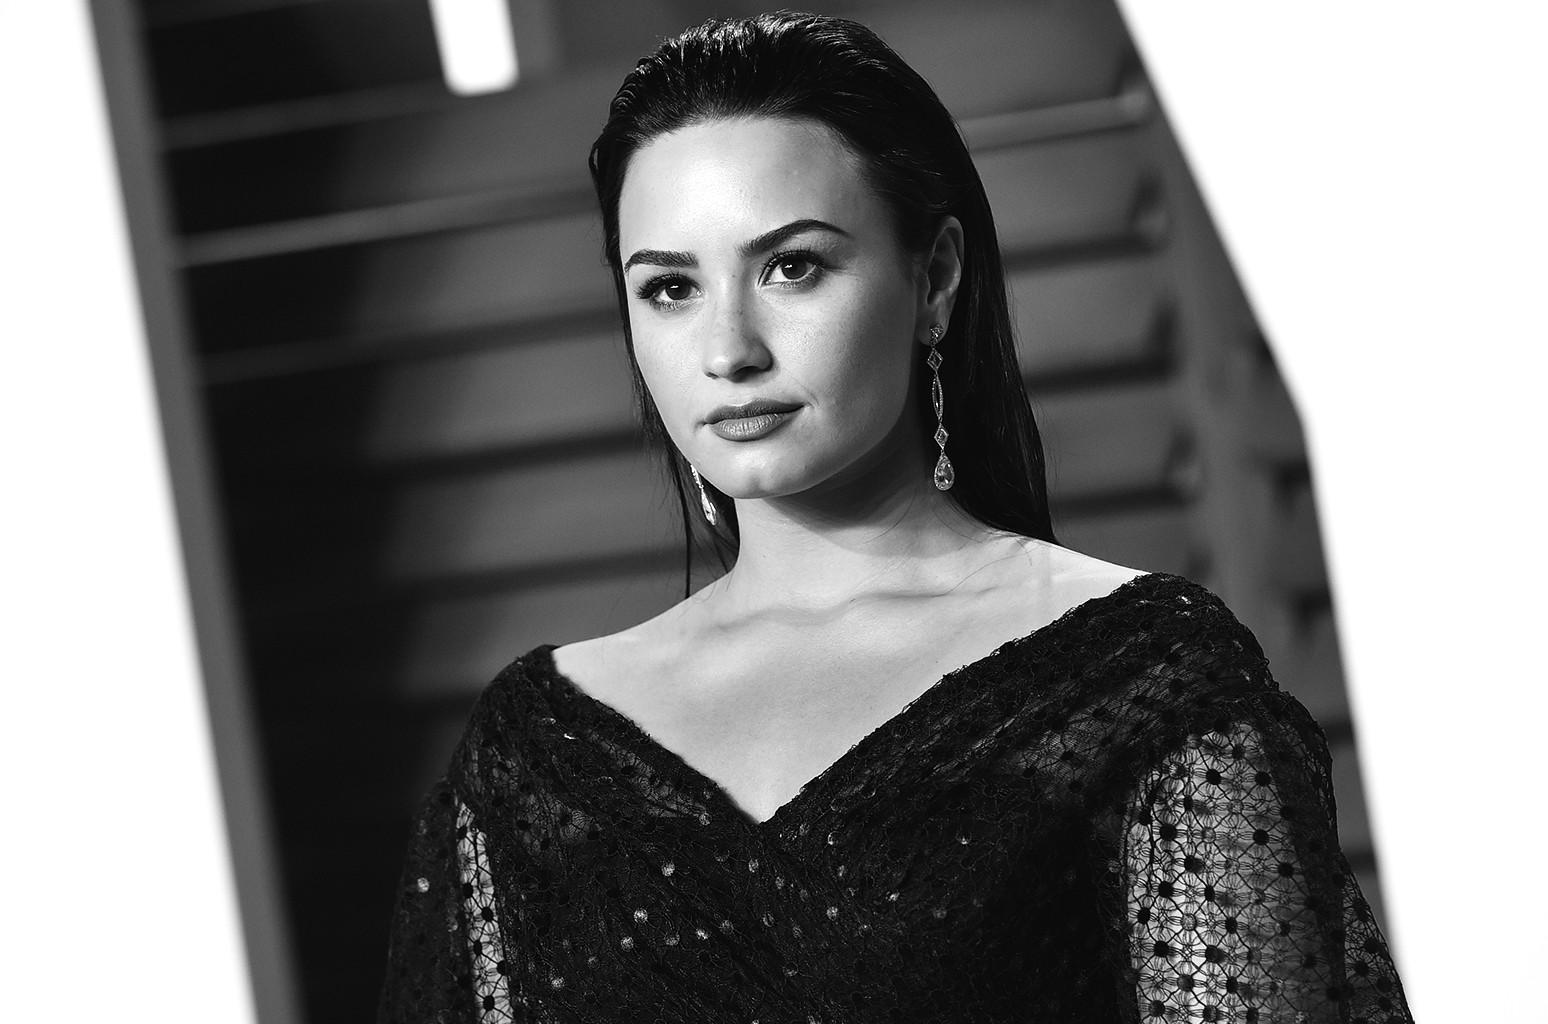 Demi Lovato arrives at the 2016 Vanity Fair Oscar Party